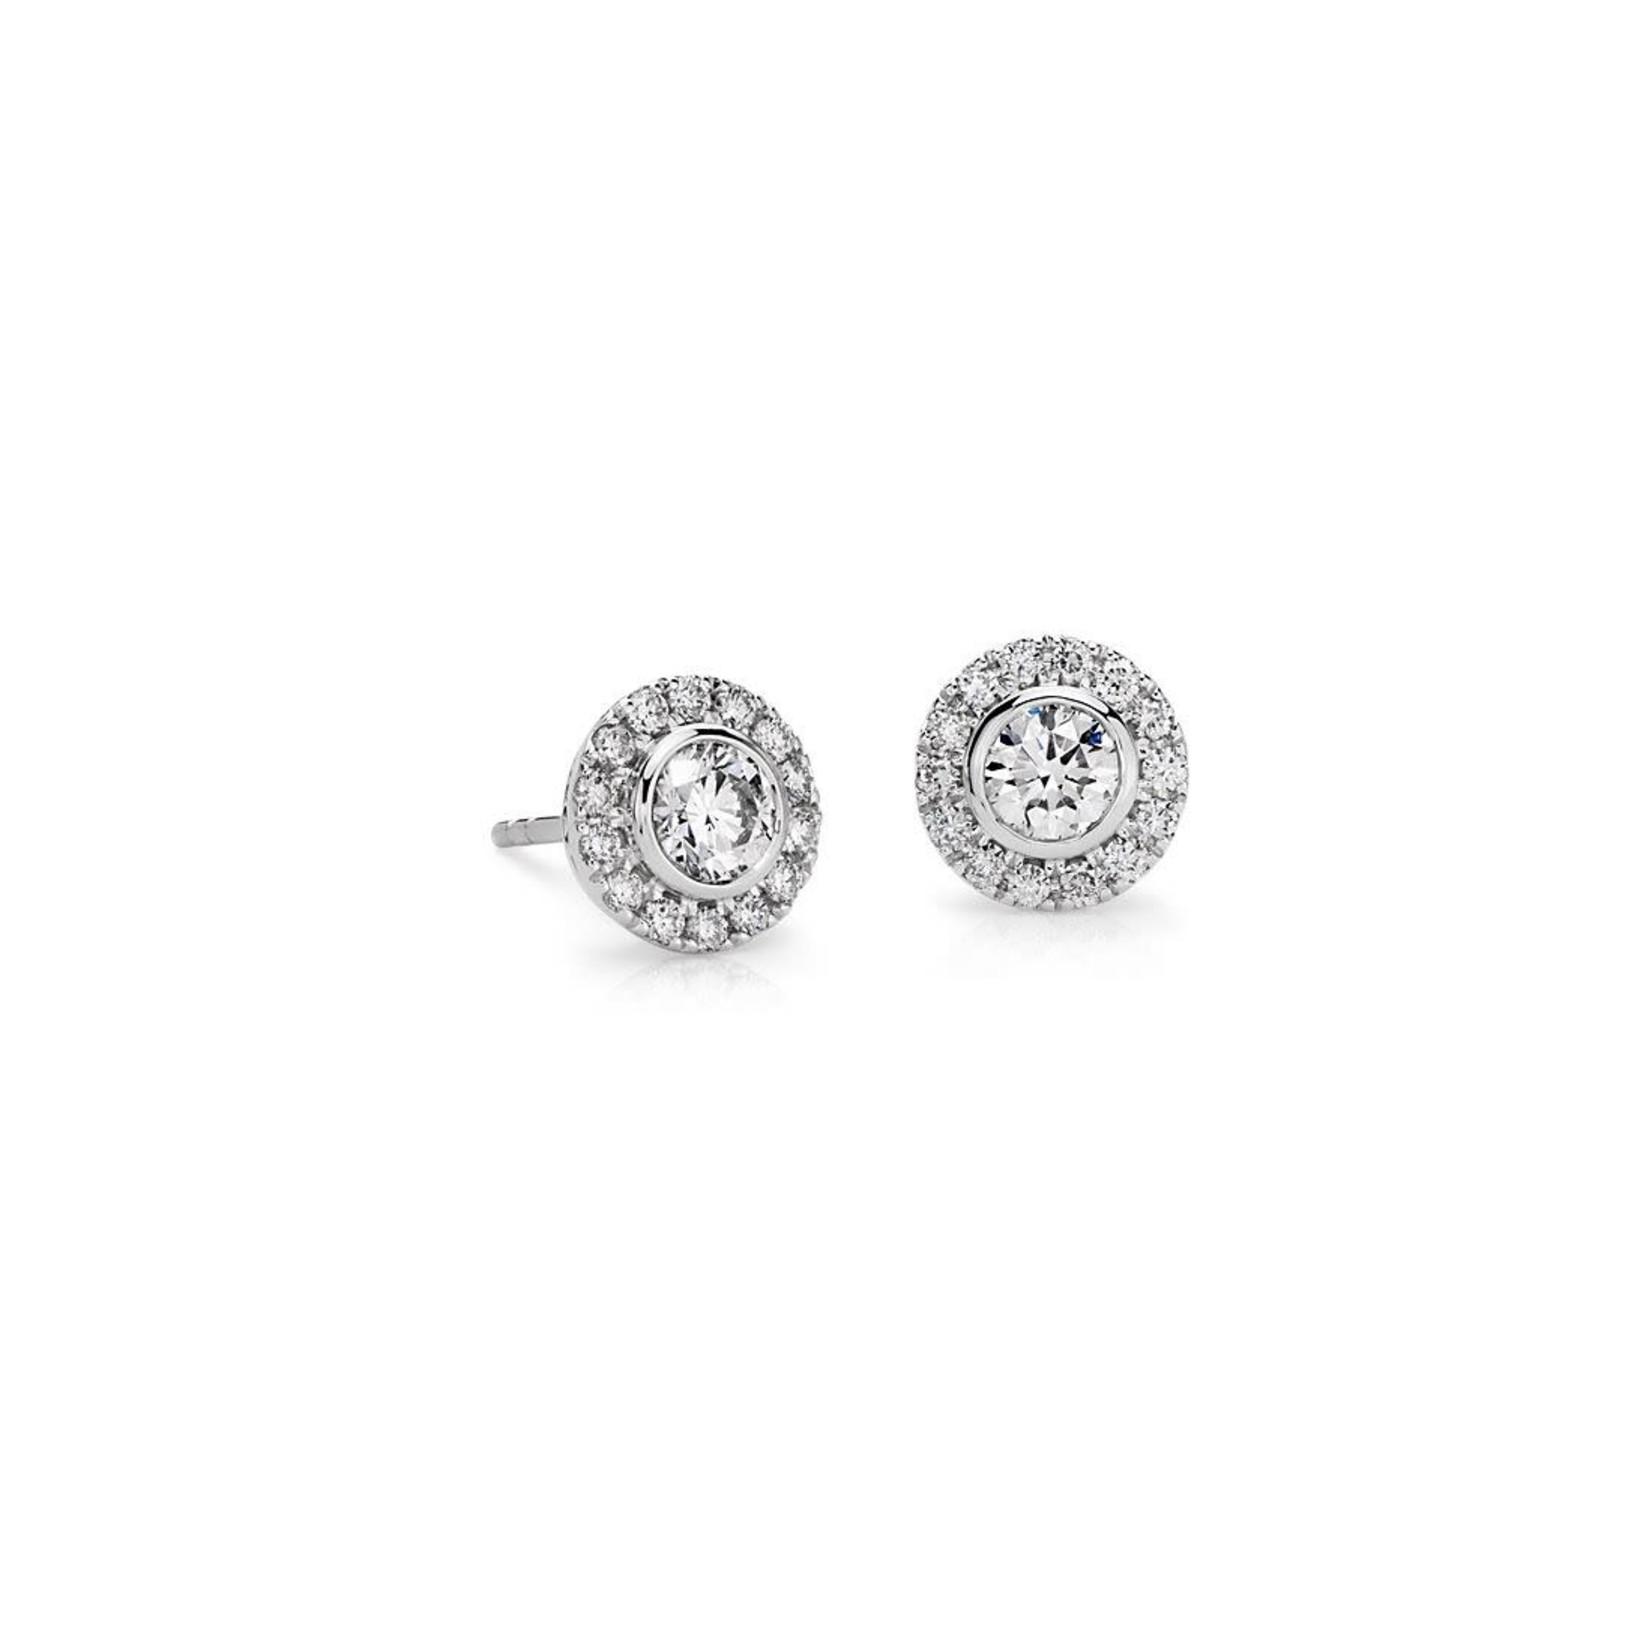 14KW Gold Diamond  0.74ctw Bezel Set Halo Stud Earrings